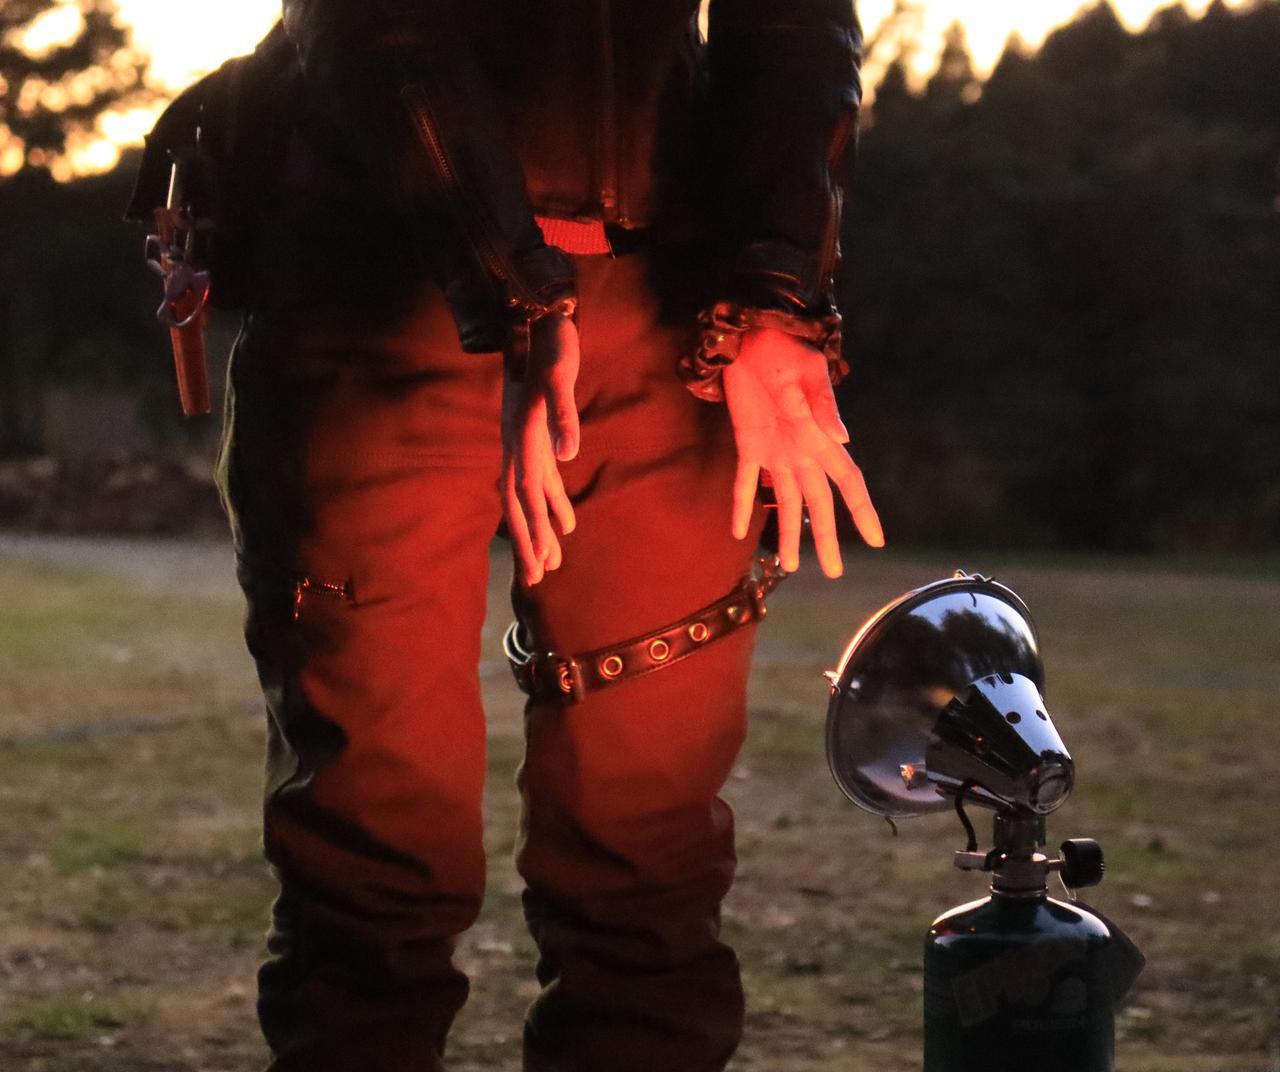 画像: 冬のキャンプツーリング テクニック&アイテム集! キャンプ好きスタッフ3人の寒さ対策を紹介 - webオートバイ